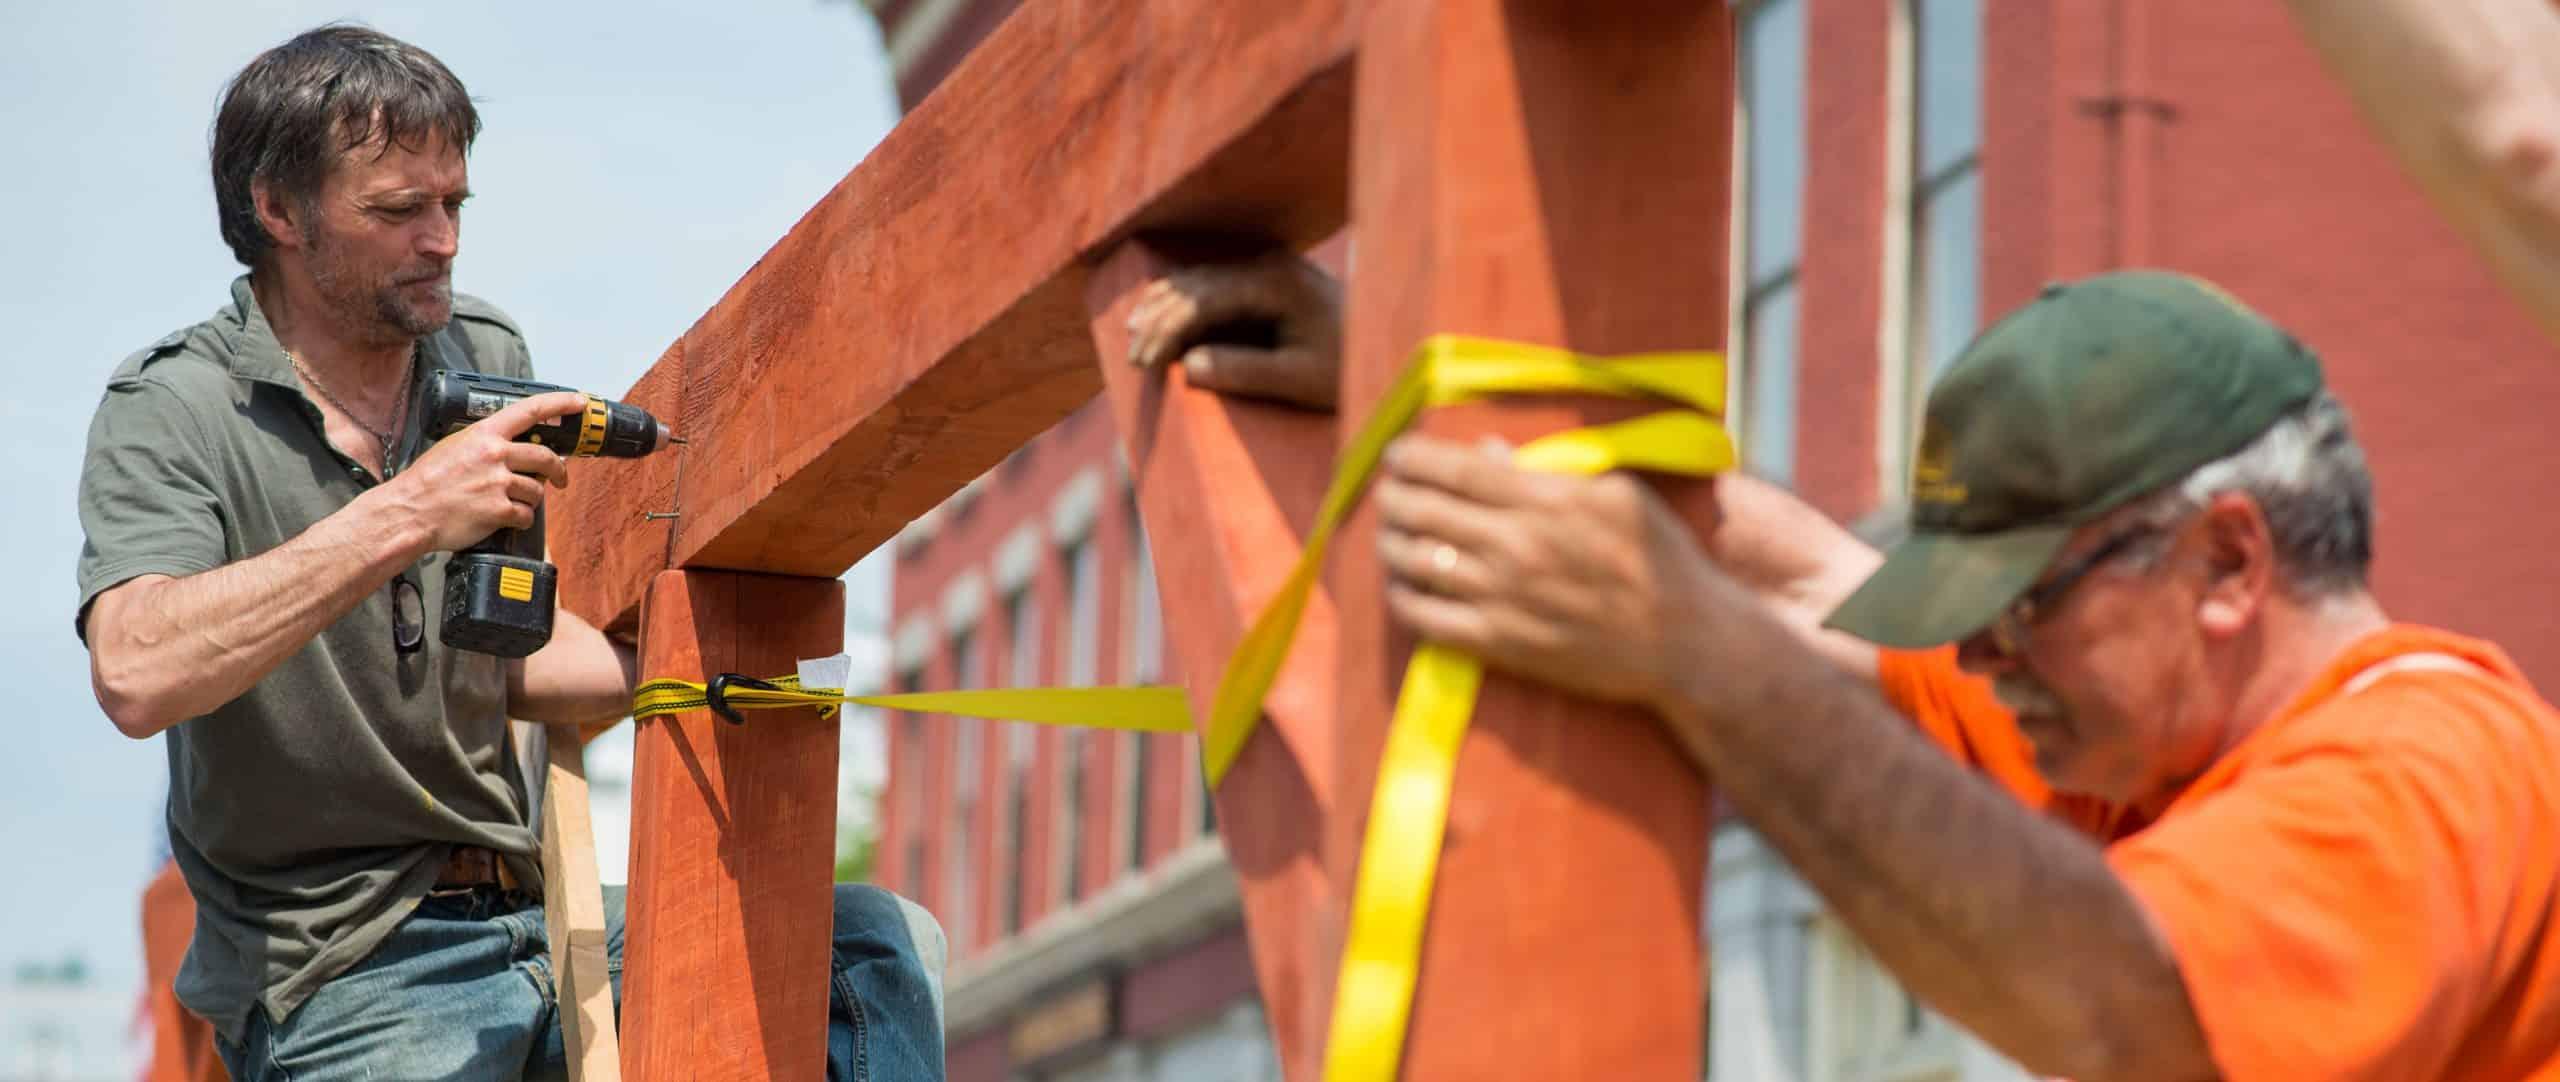 installing parklet, montpelier, vermont, teamwork, building